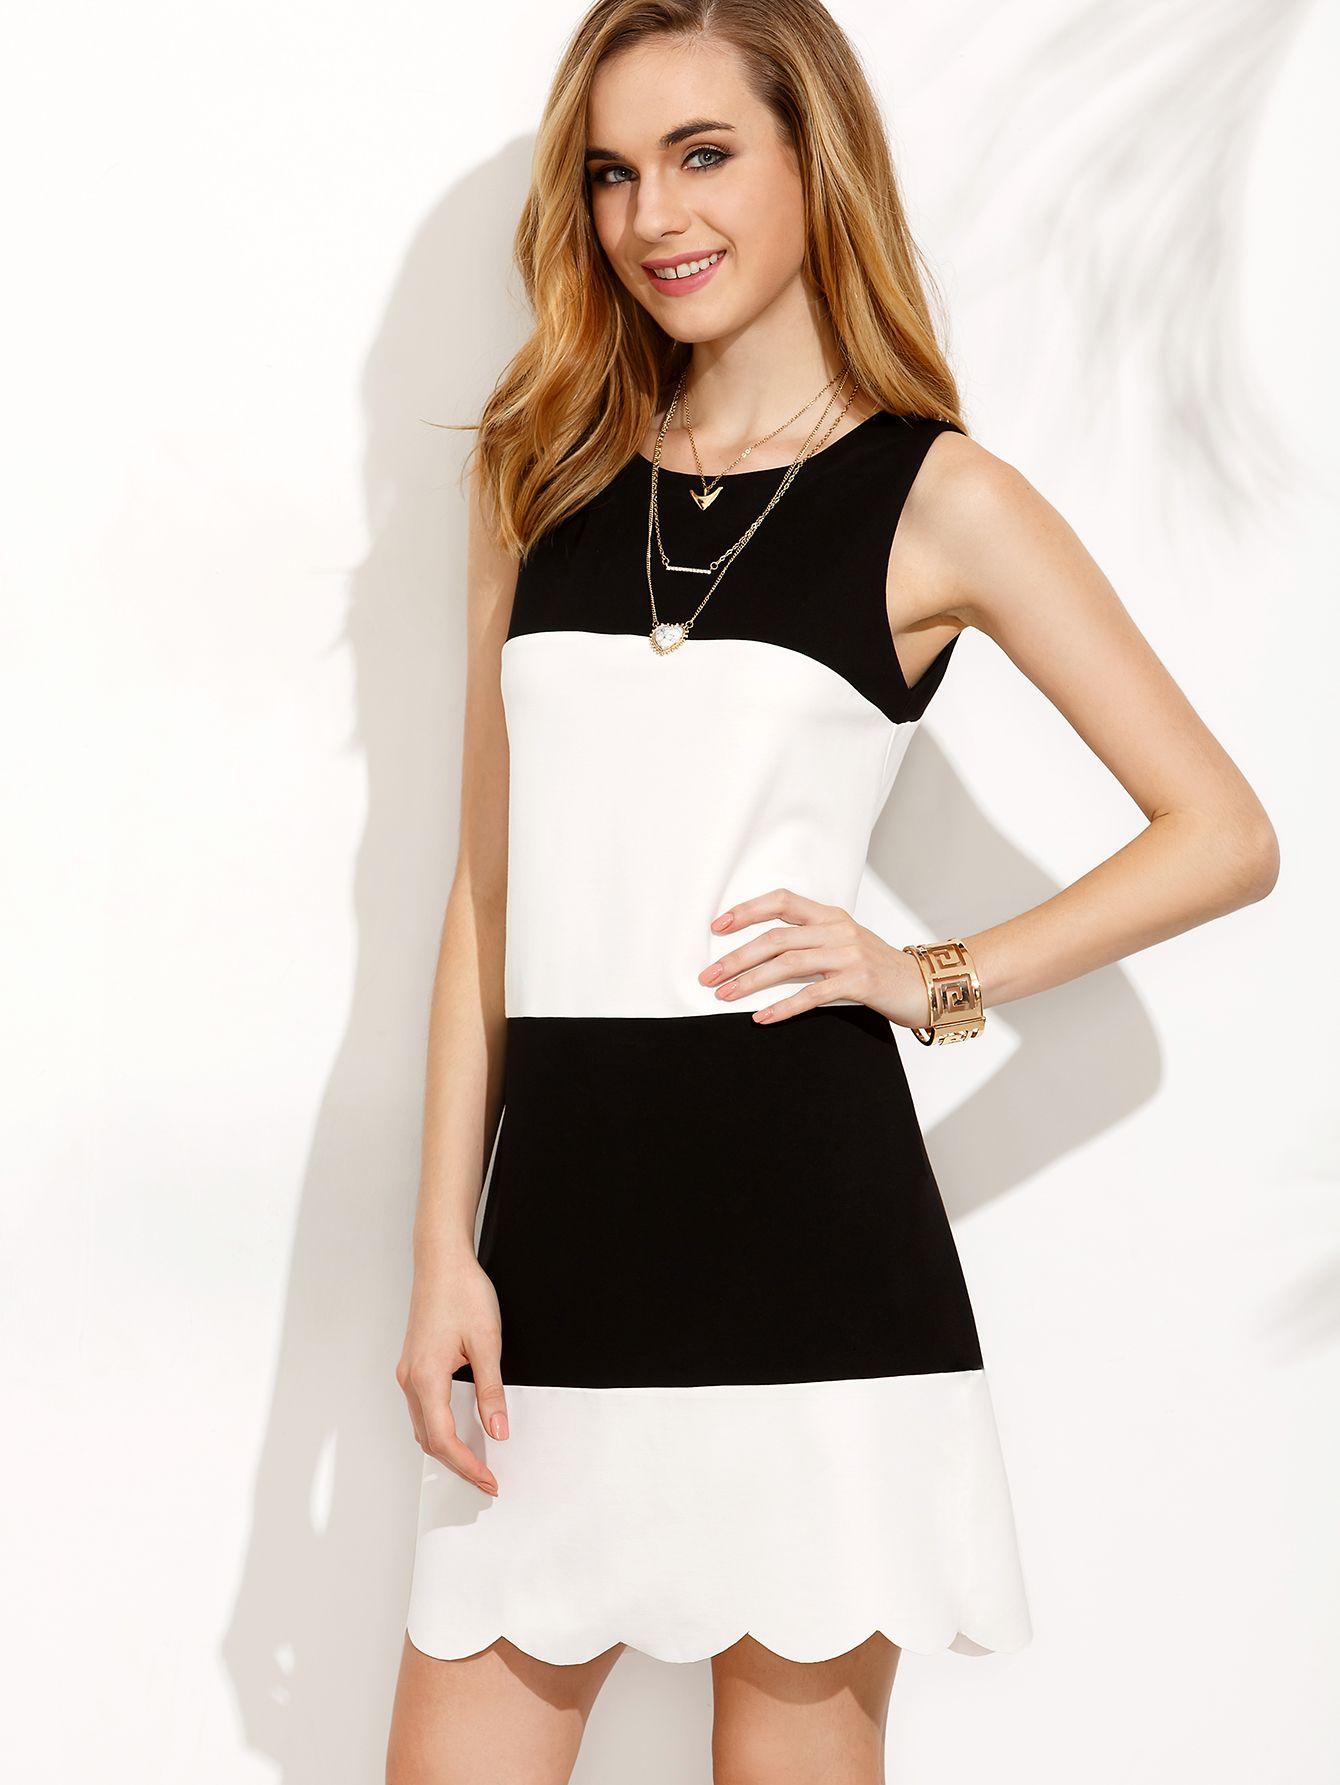 f50a4d9e6e0b47 Robe bicolore sans manche - noir blanc -French SheIn(Sheinside) Scalloped  Hem